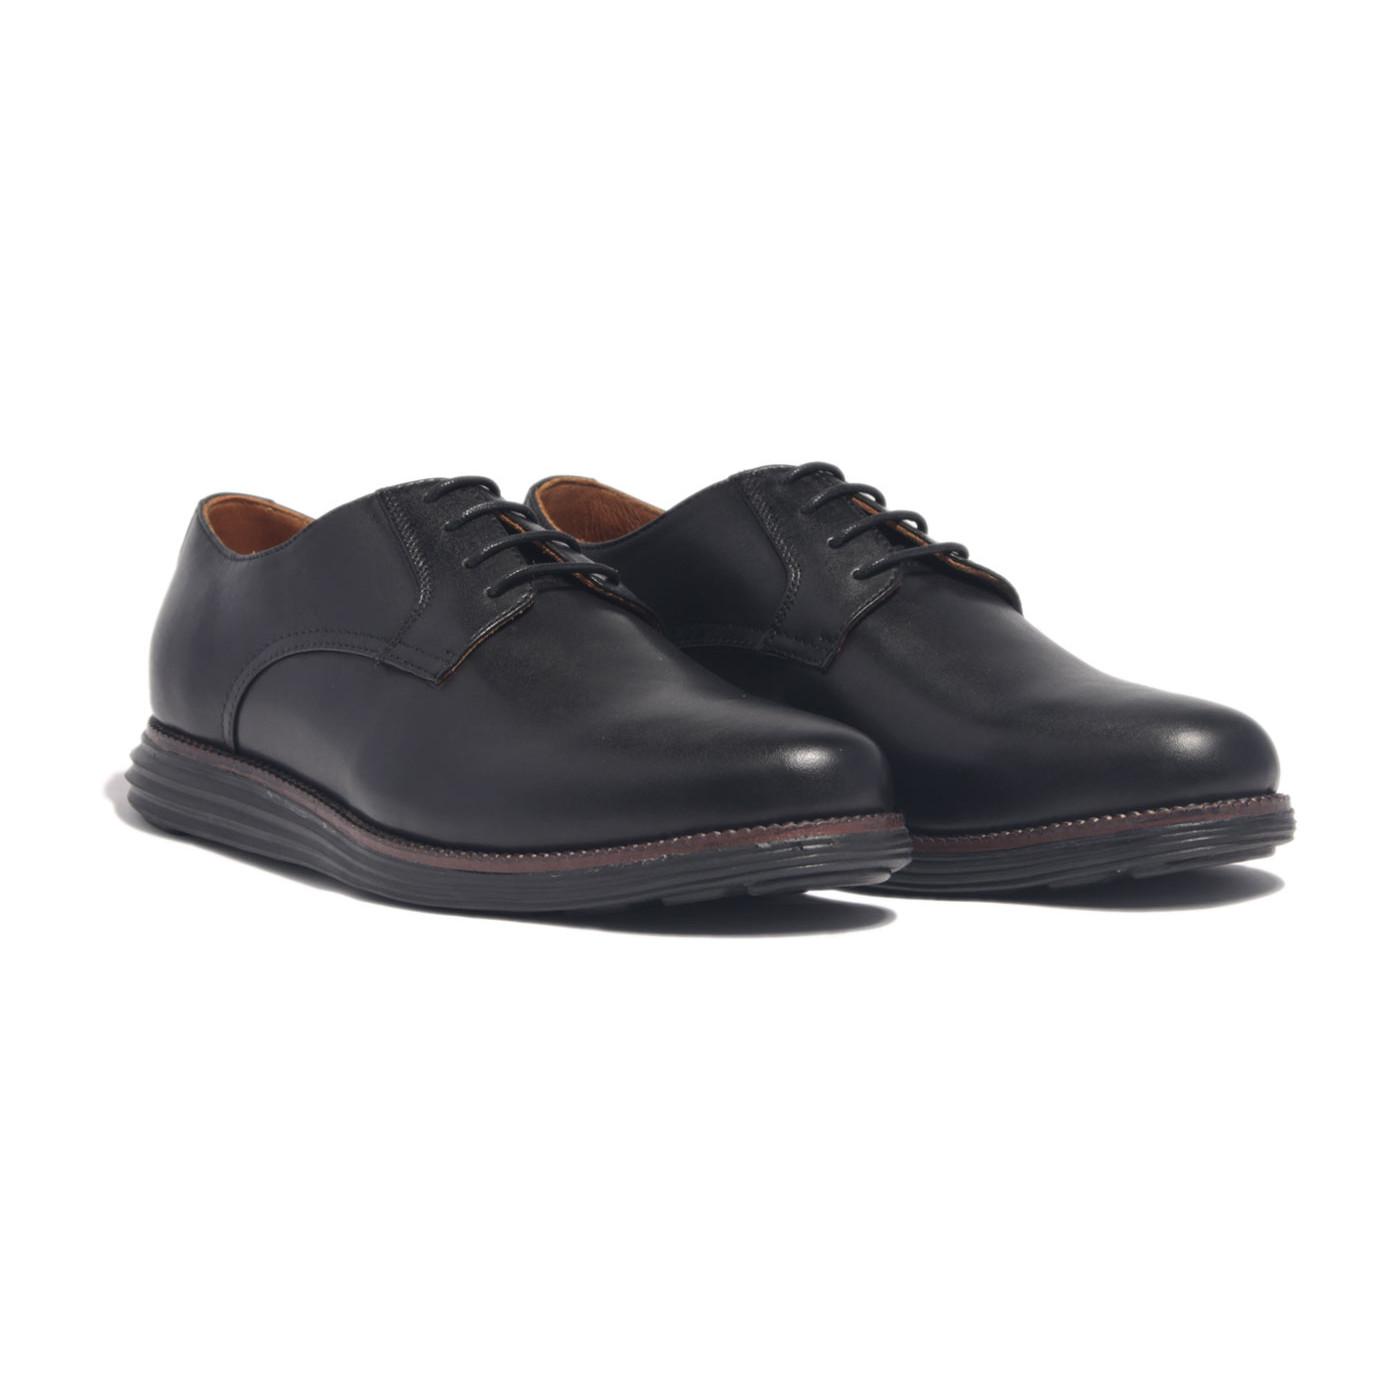 Giày nam cap cấp, phong cách giày sneaker thể thao HMPD1M0 da bò Ý, chính hãng Banuli